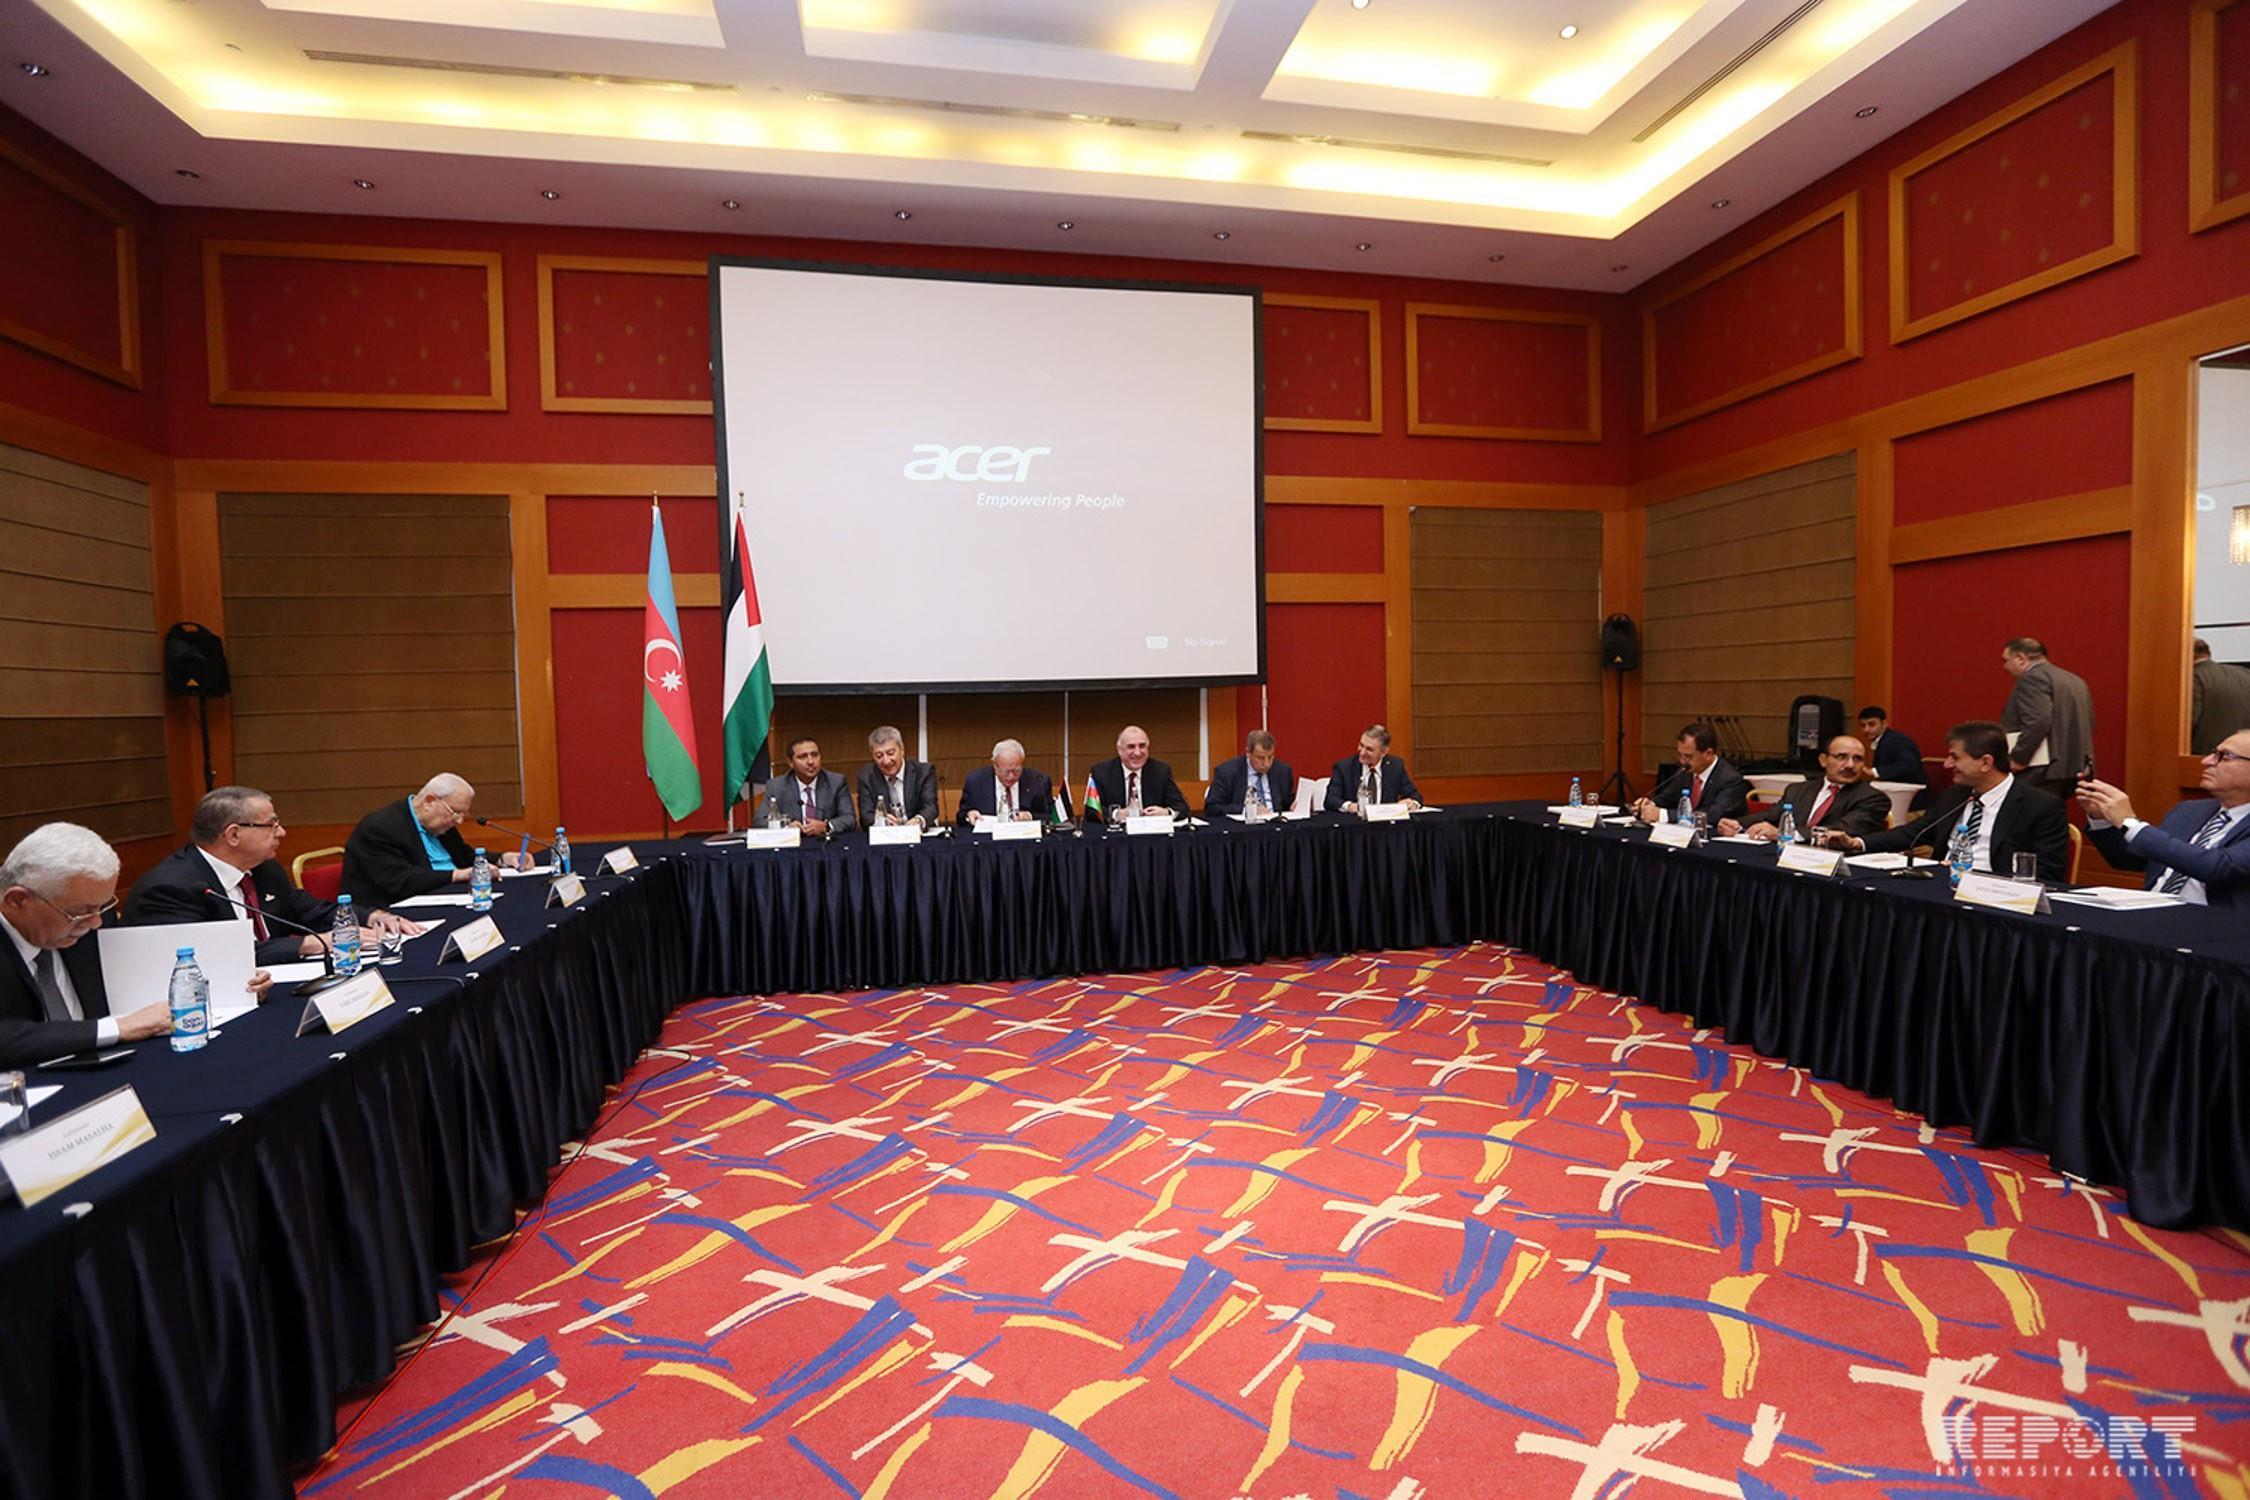 В Баку проходит заседание послов Государства Палестина в странах Азии